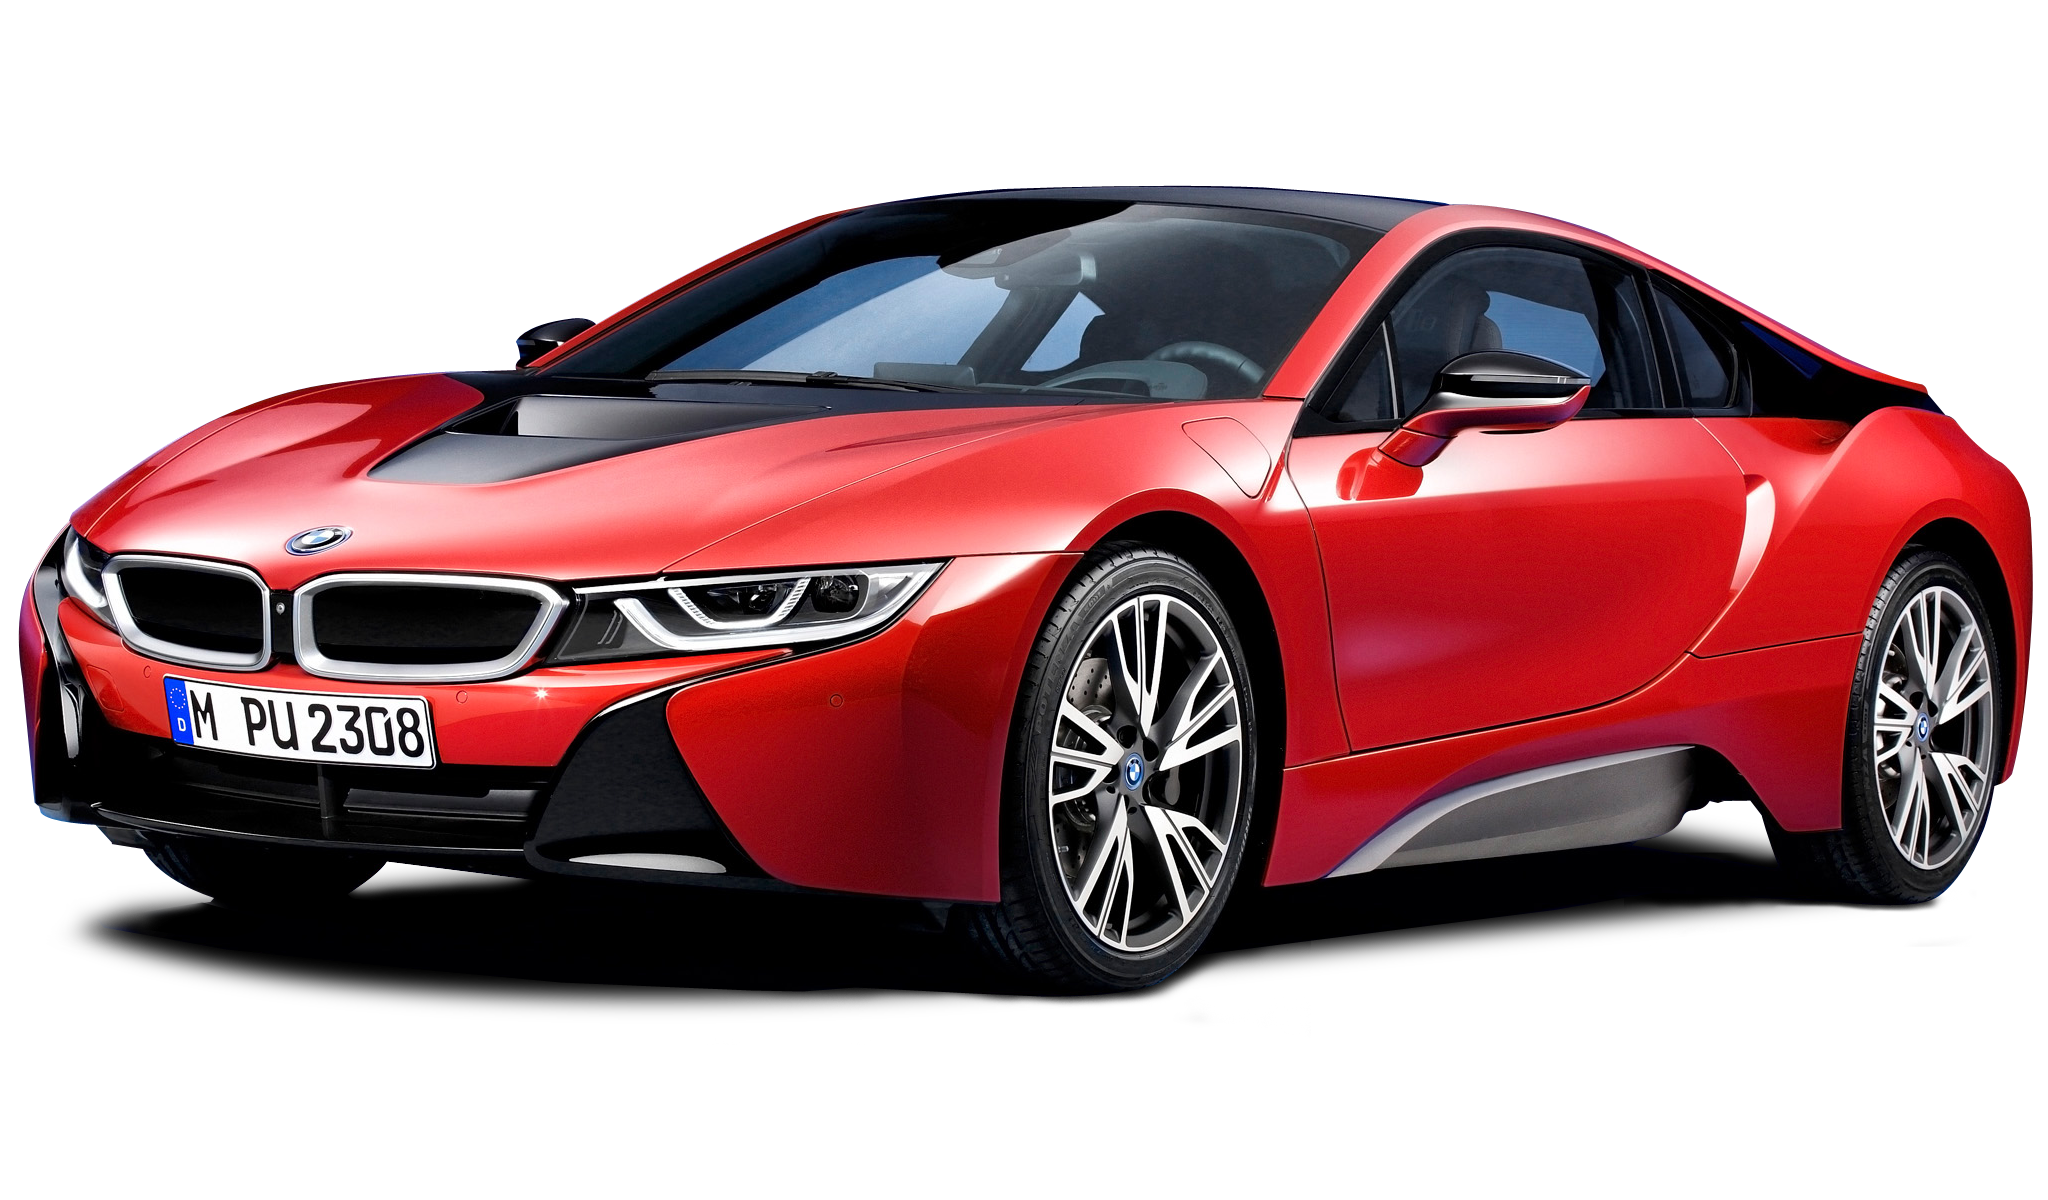 BMW Car PNG Image - Car PNG